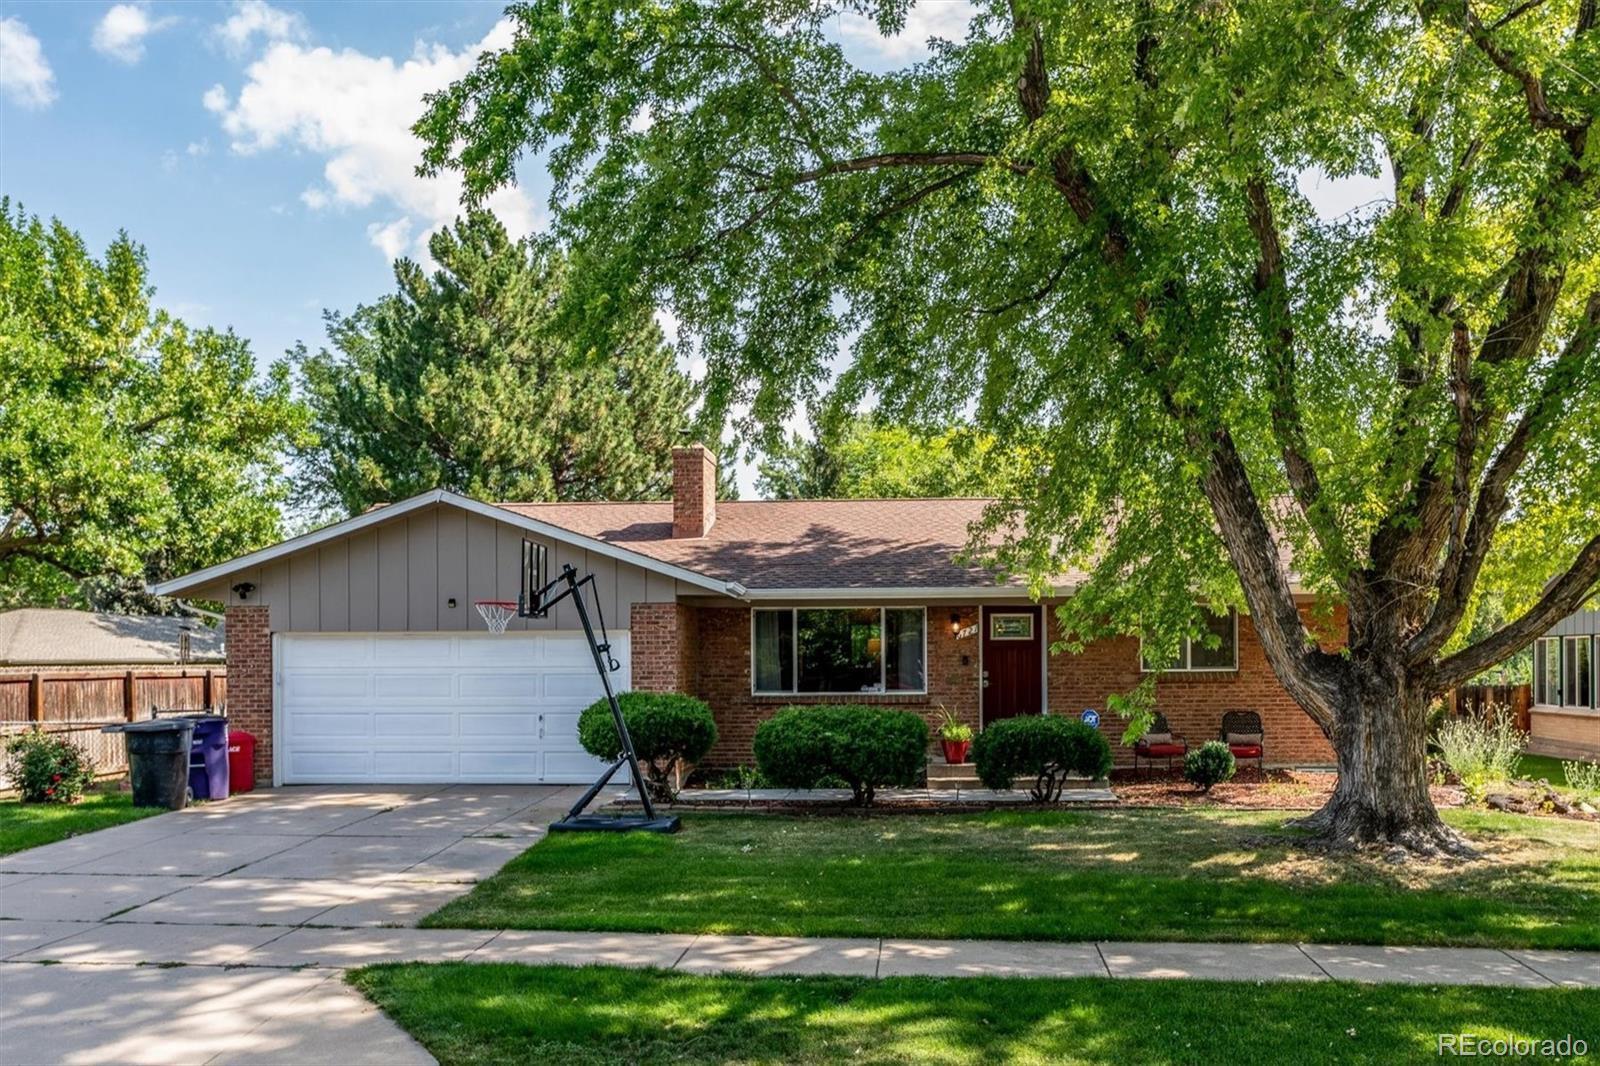 6721 E Cornell Ave, Denver, CO, 80224